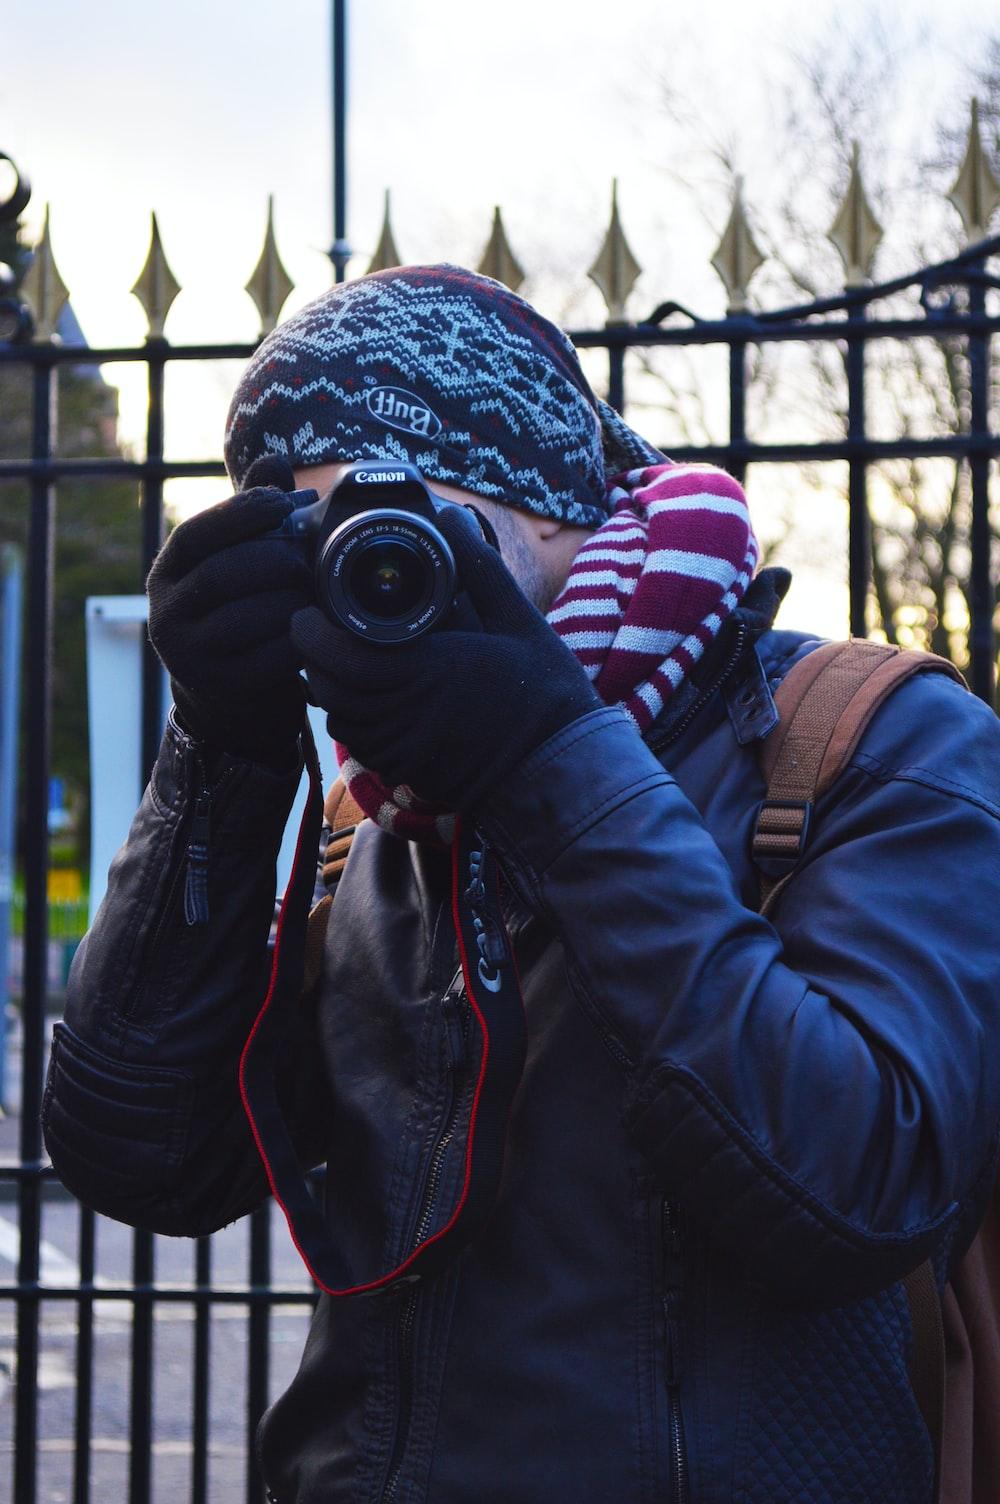 man wearing black jacket using black Canon DSLR camera near black metal gate